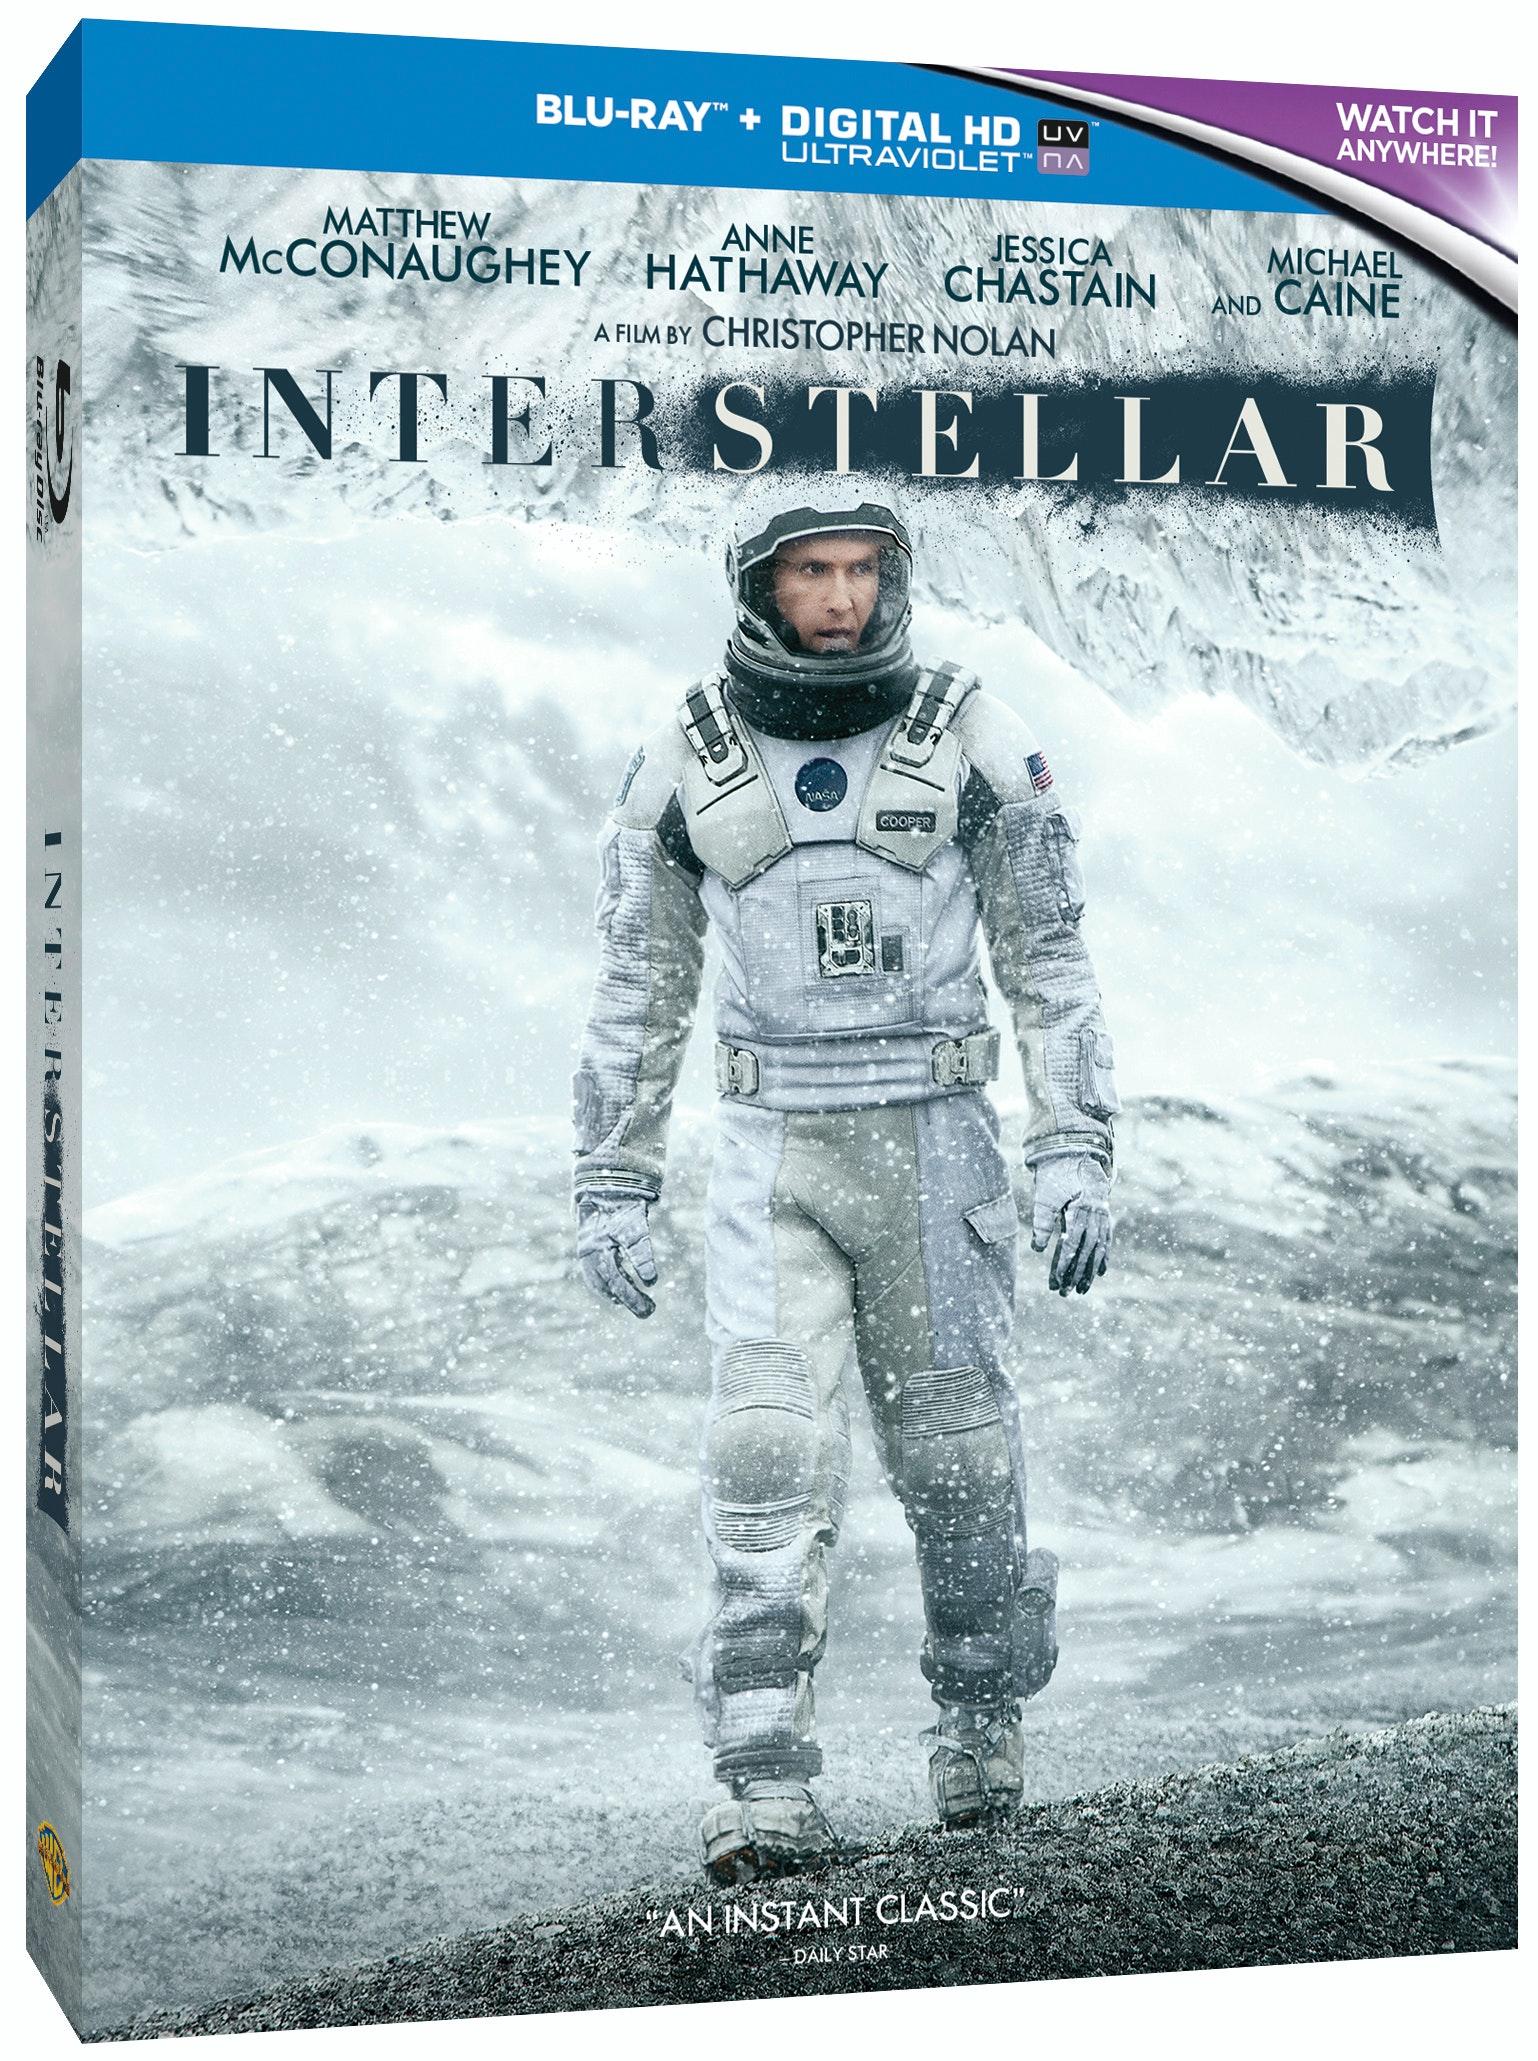 Interstellar bd oslipcase 3dskew mech